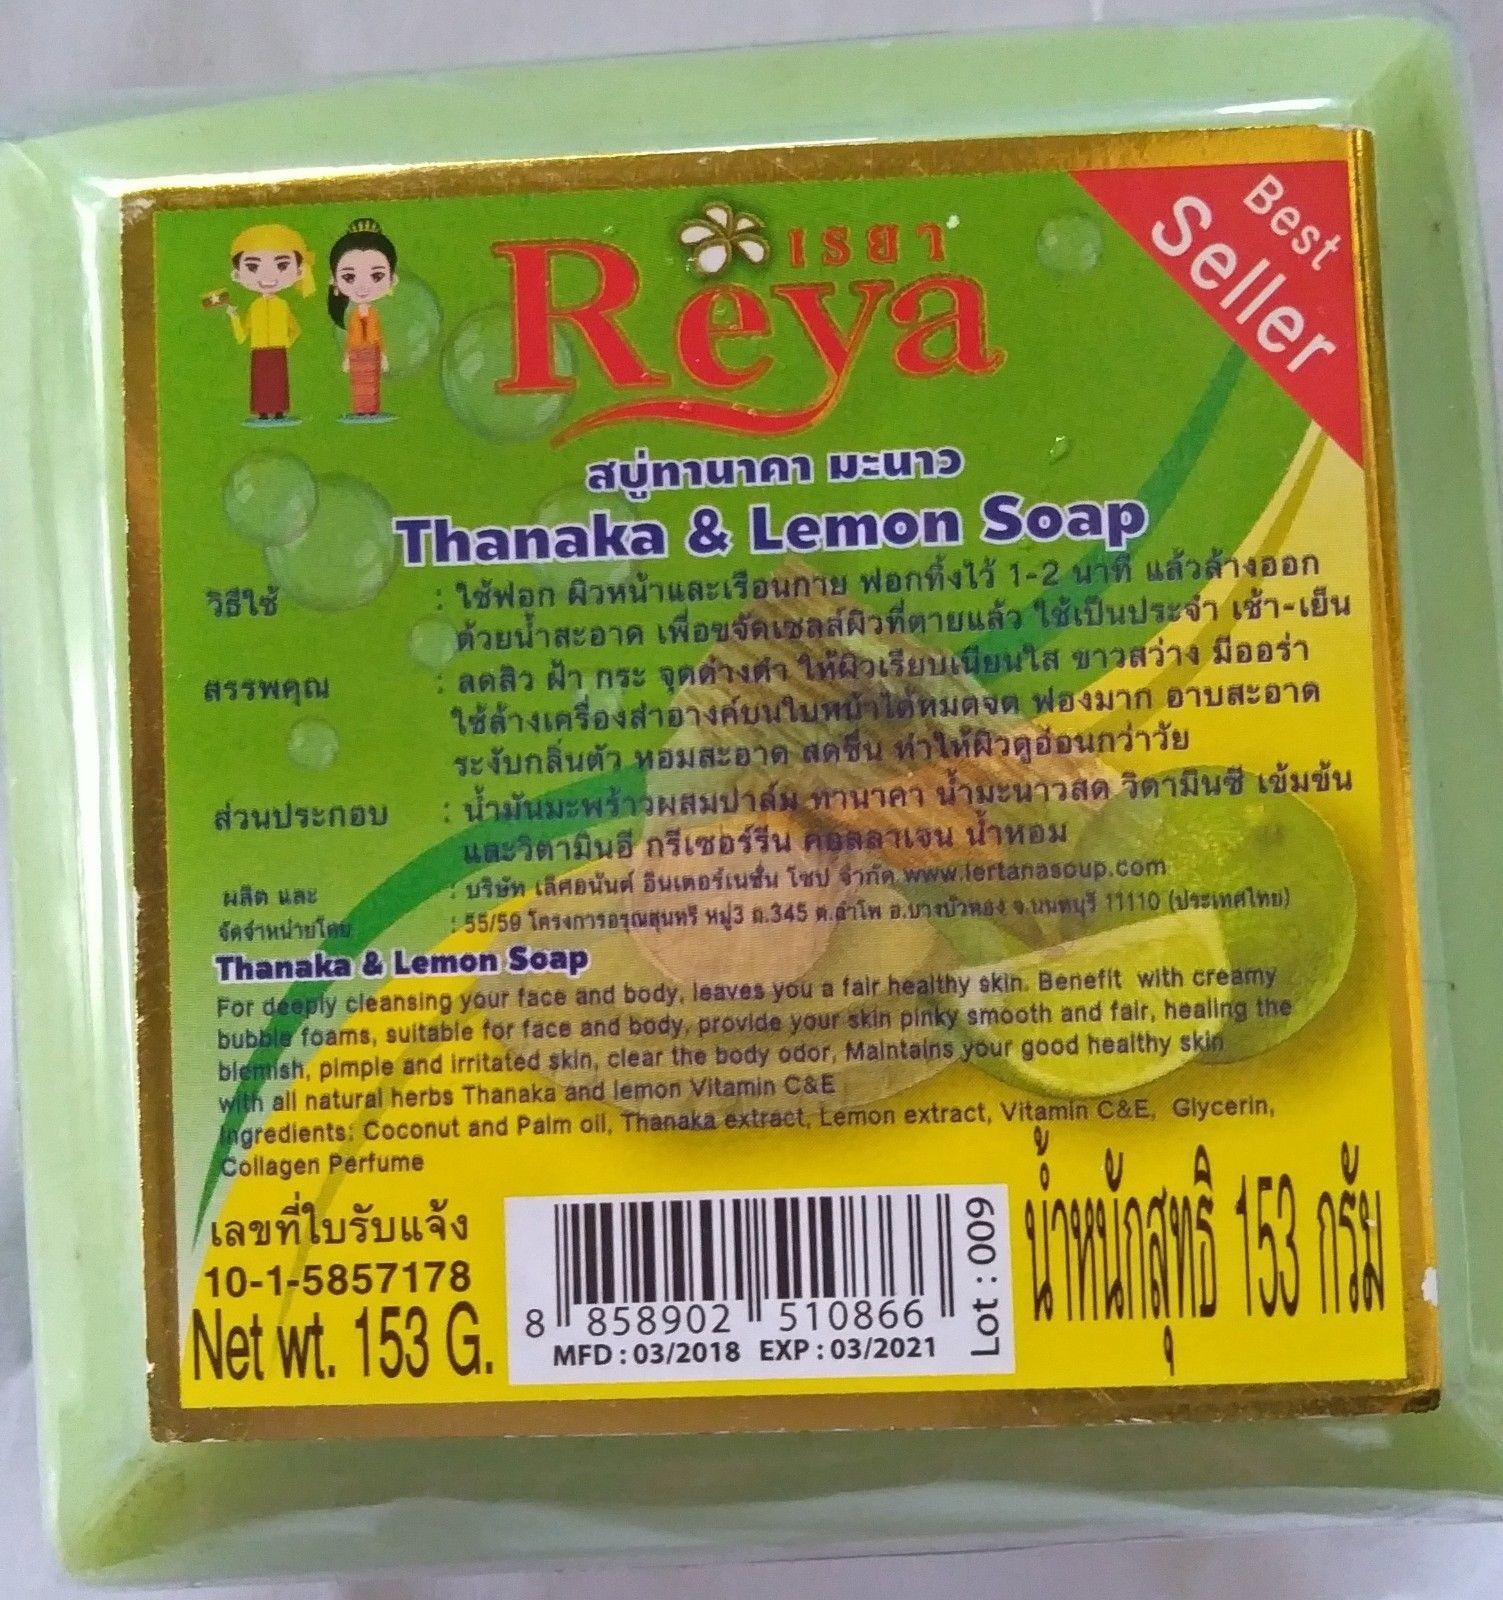 ุ4 Bars Thai Natural Herbal Thanaka & Lemon Soap Healthy Skin Blemish Pimple